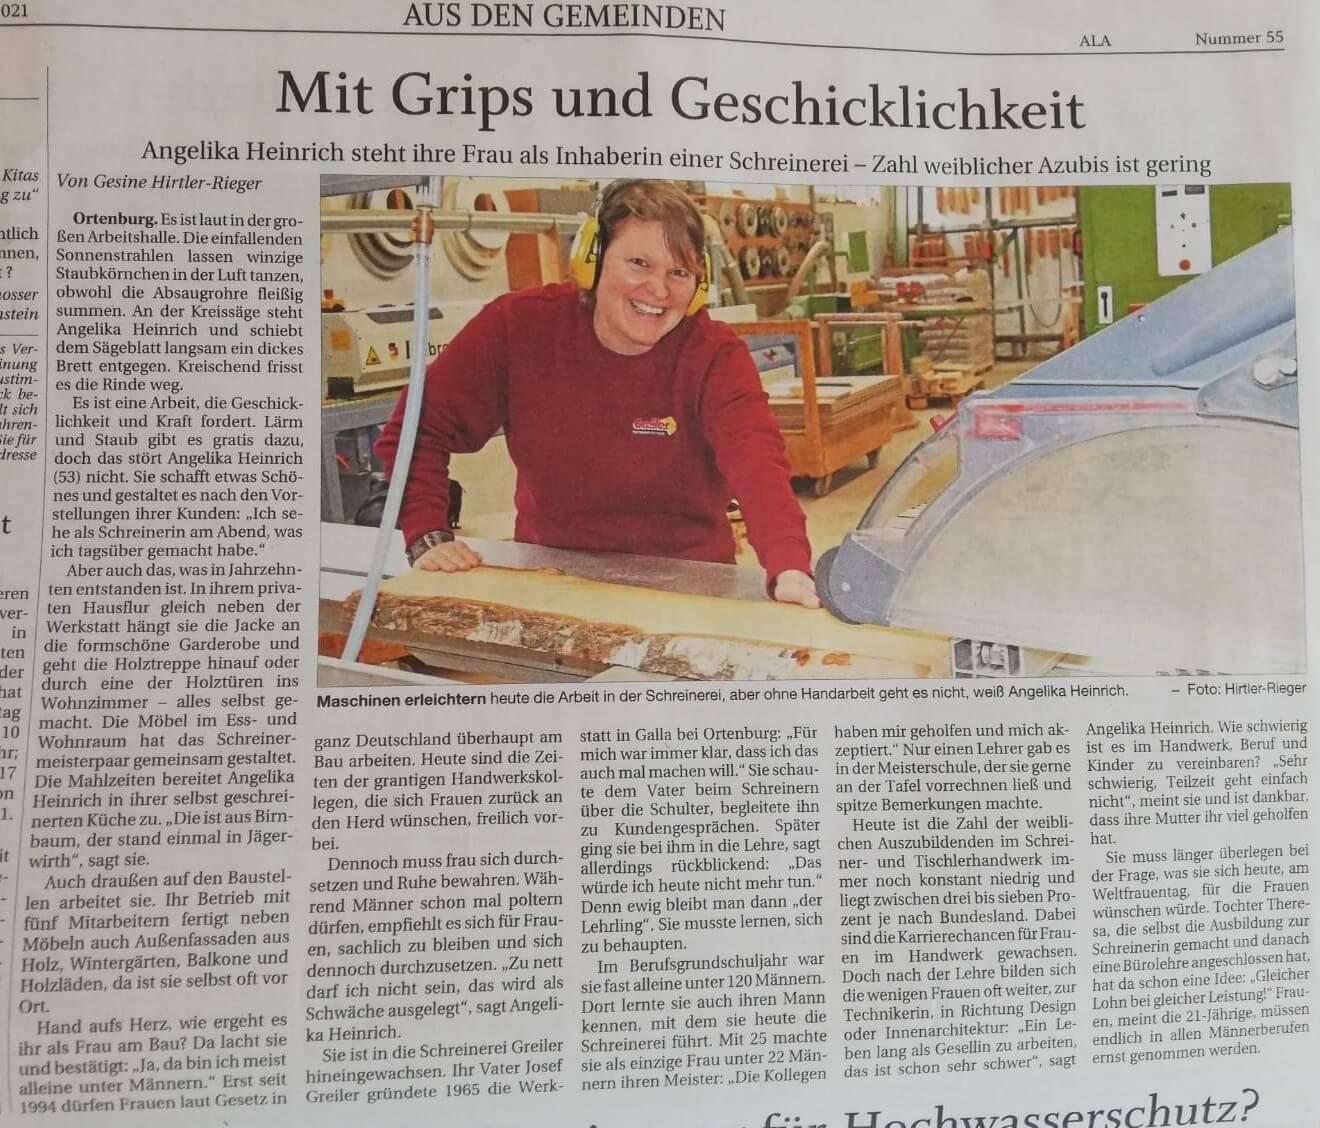 Schreinerei greiler- Angelika Heinrich